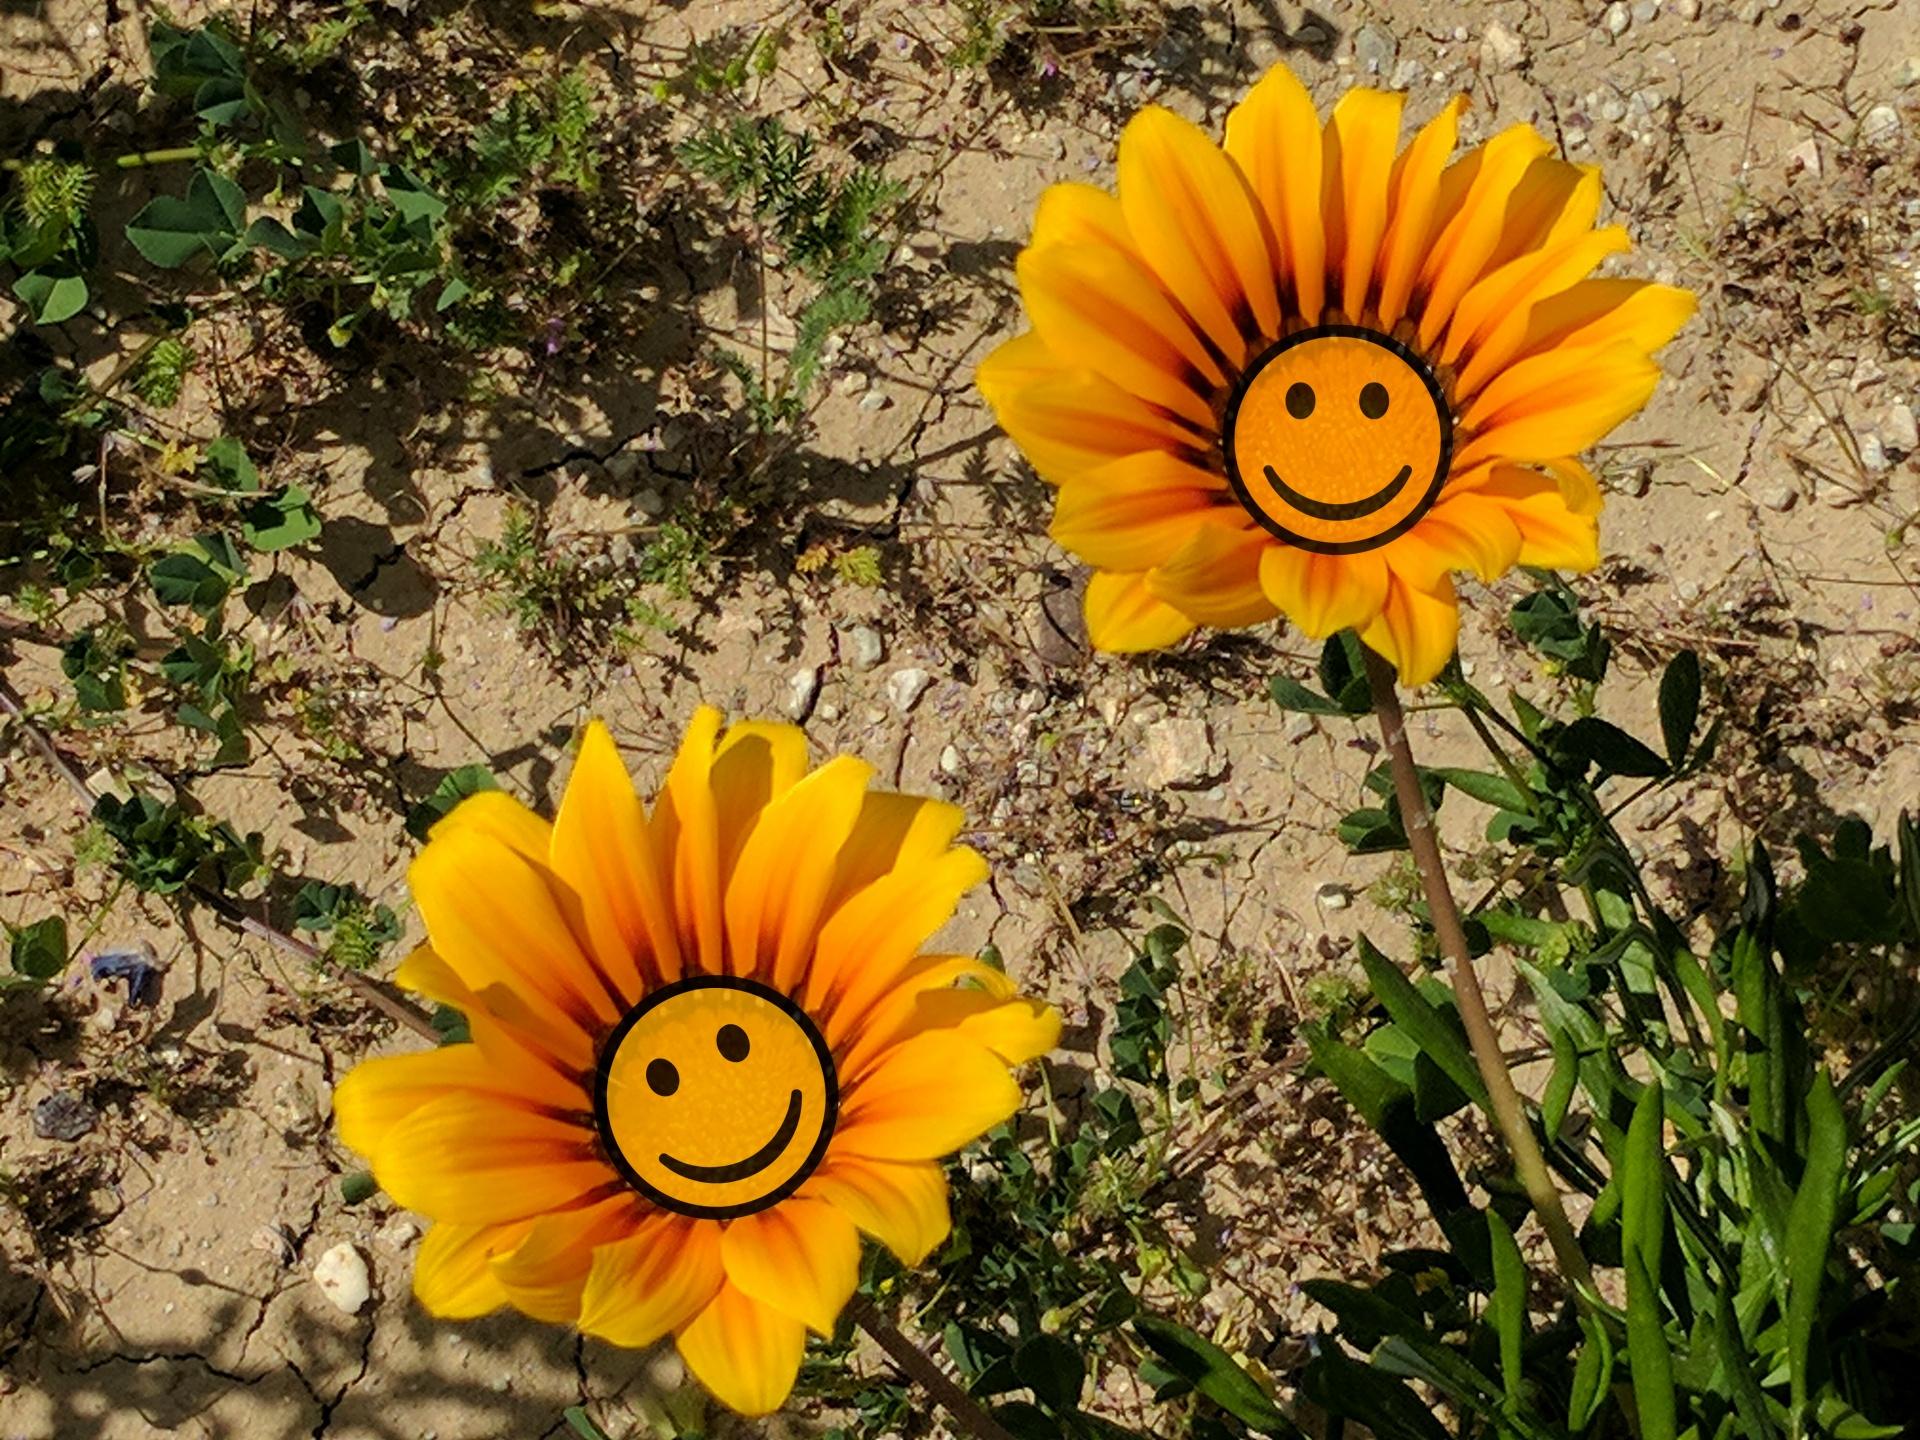 картинка улыбающегося цветка может